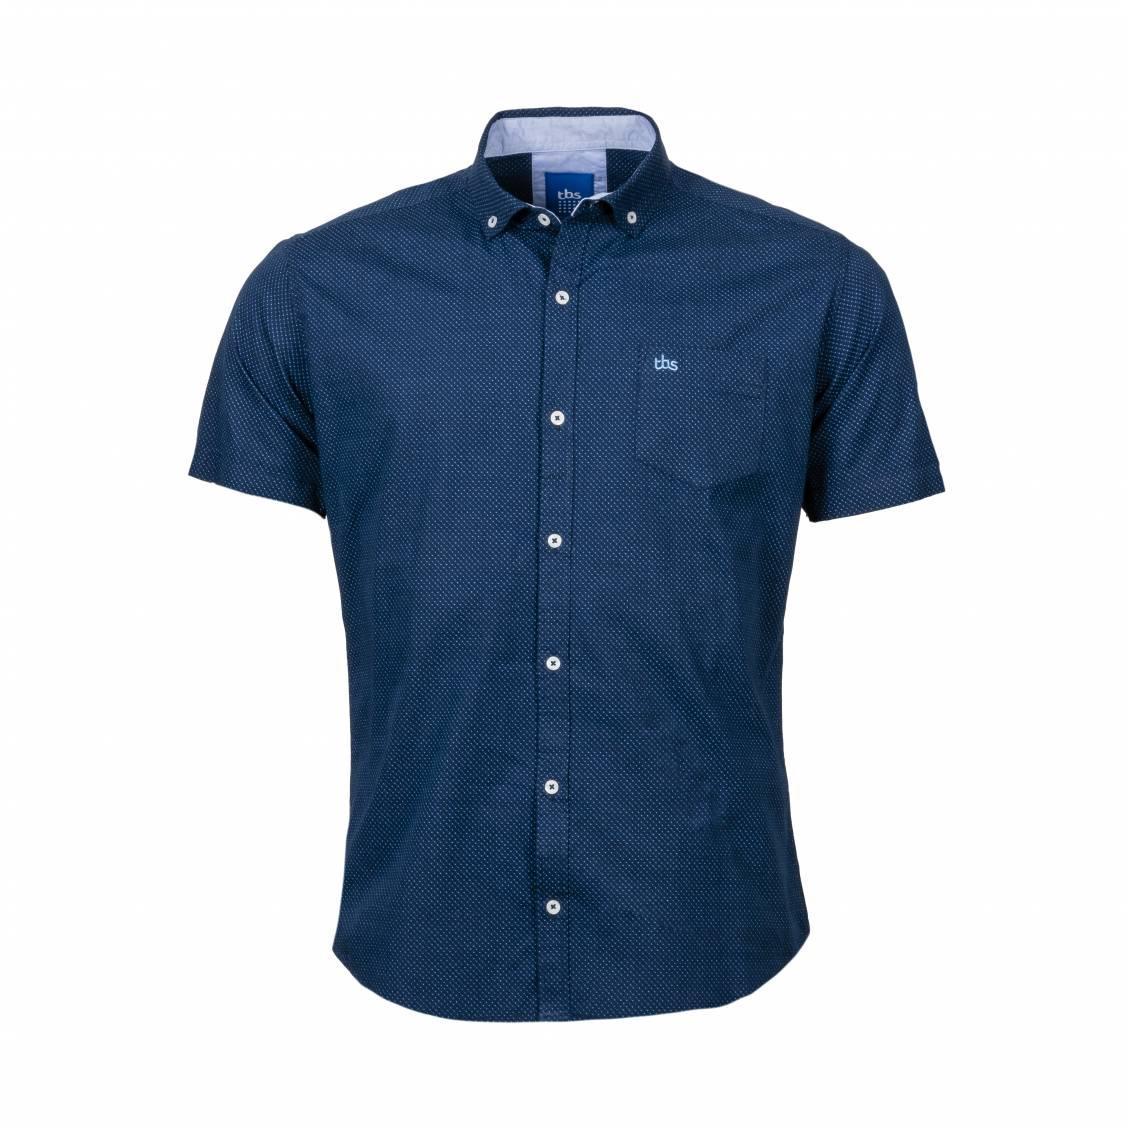 Chemise ajustée manches courtes TBS Caverne en coton bleu marine à micro motifs bleu ciel